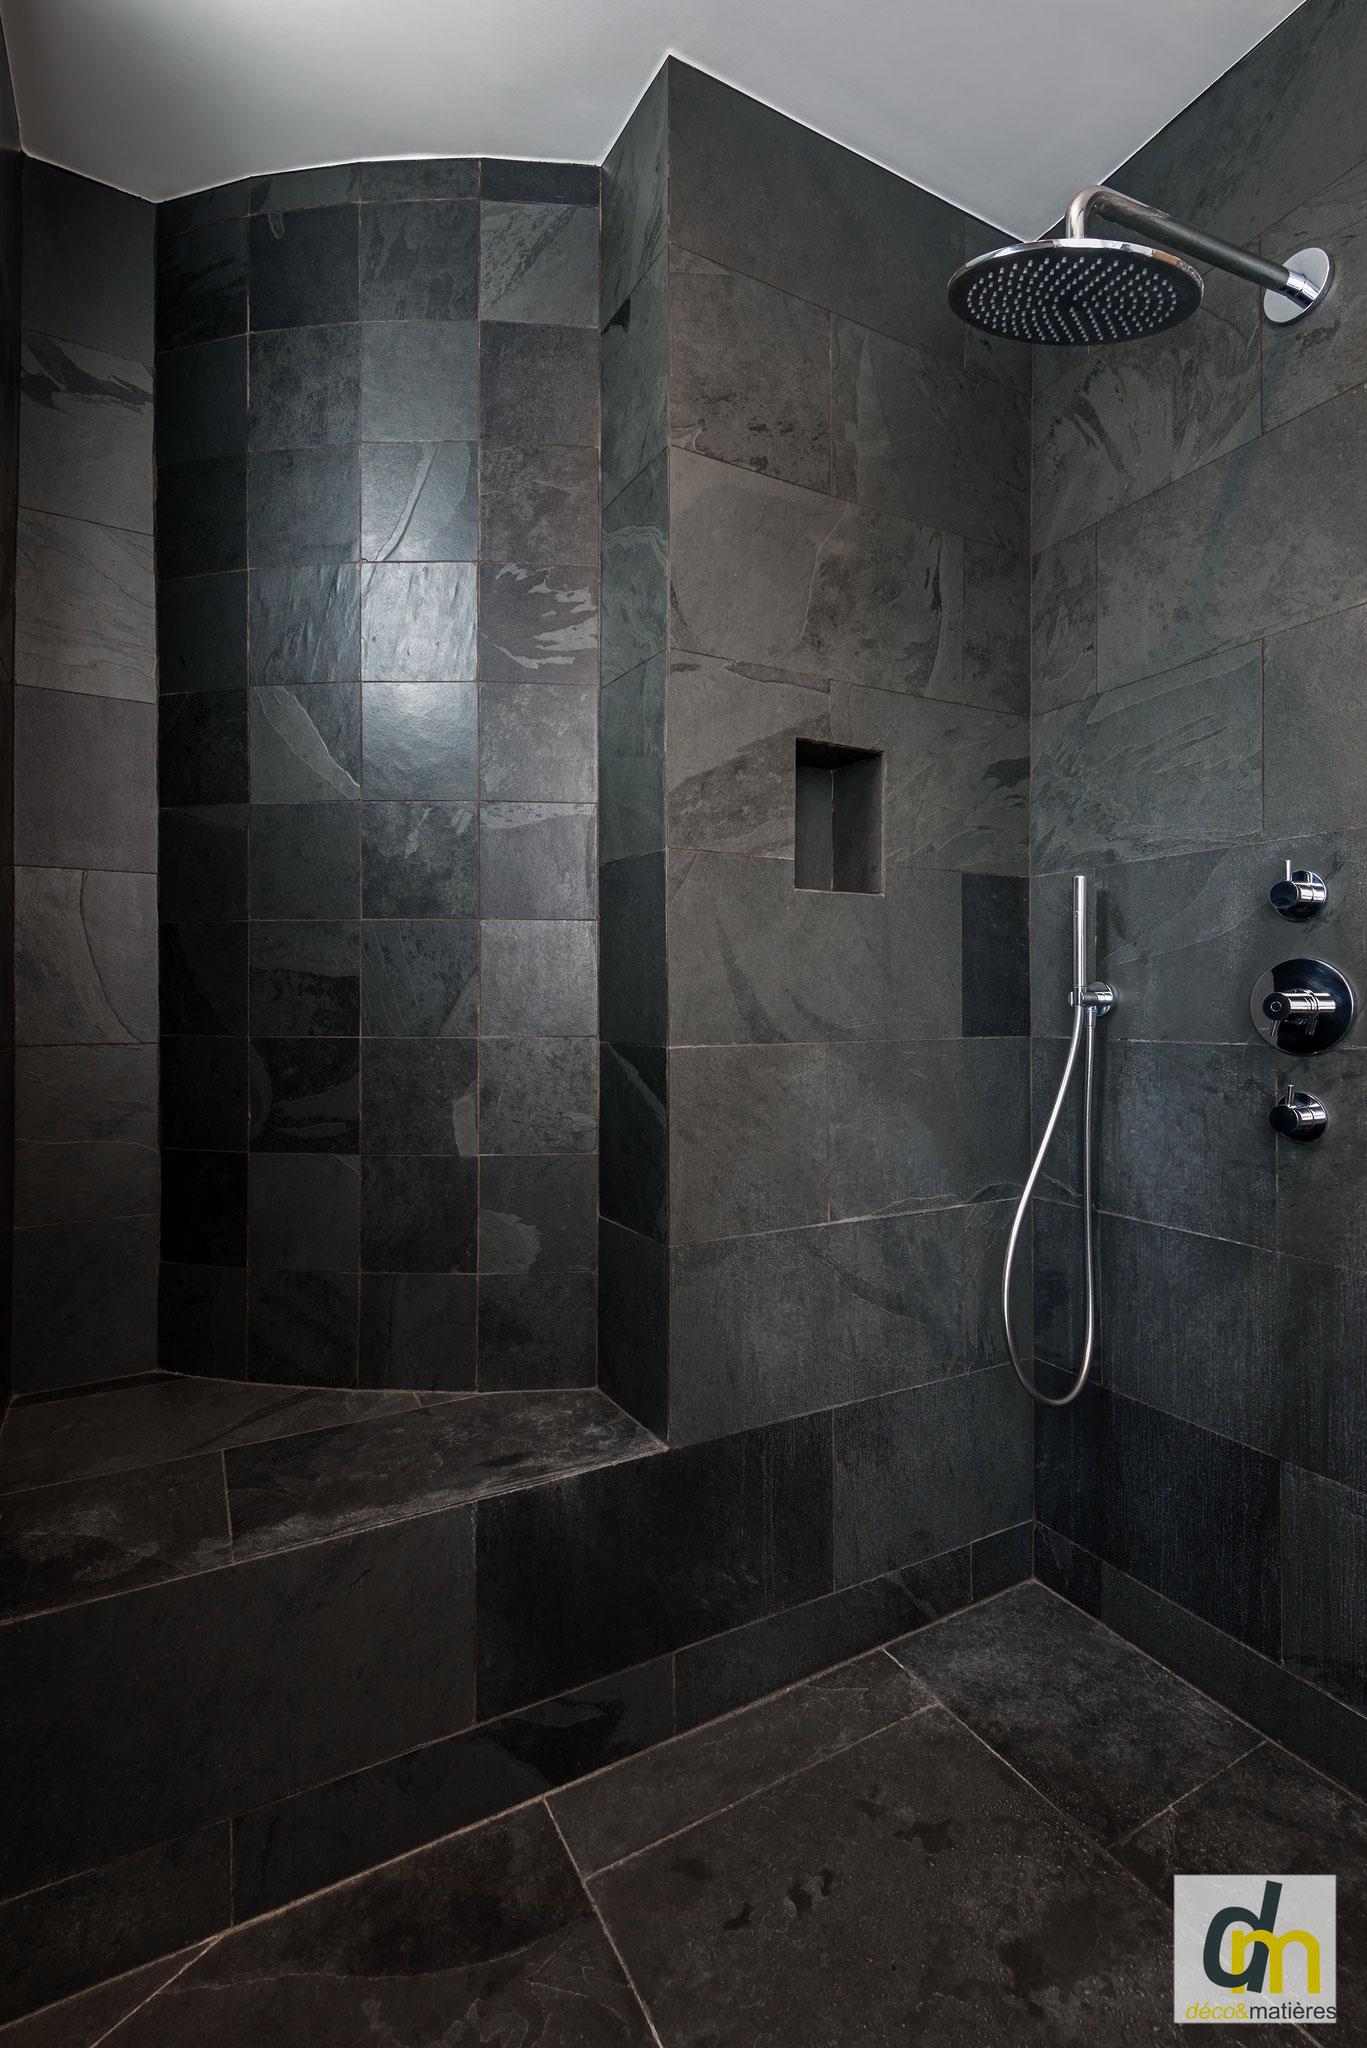 douche à l'italienne en ardoise naturelle, robinetterie encastrée, marche et niche pour dépose produits.